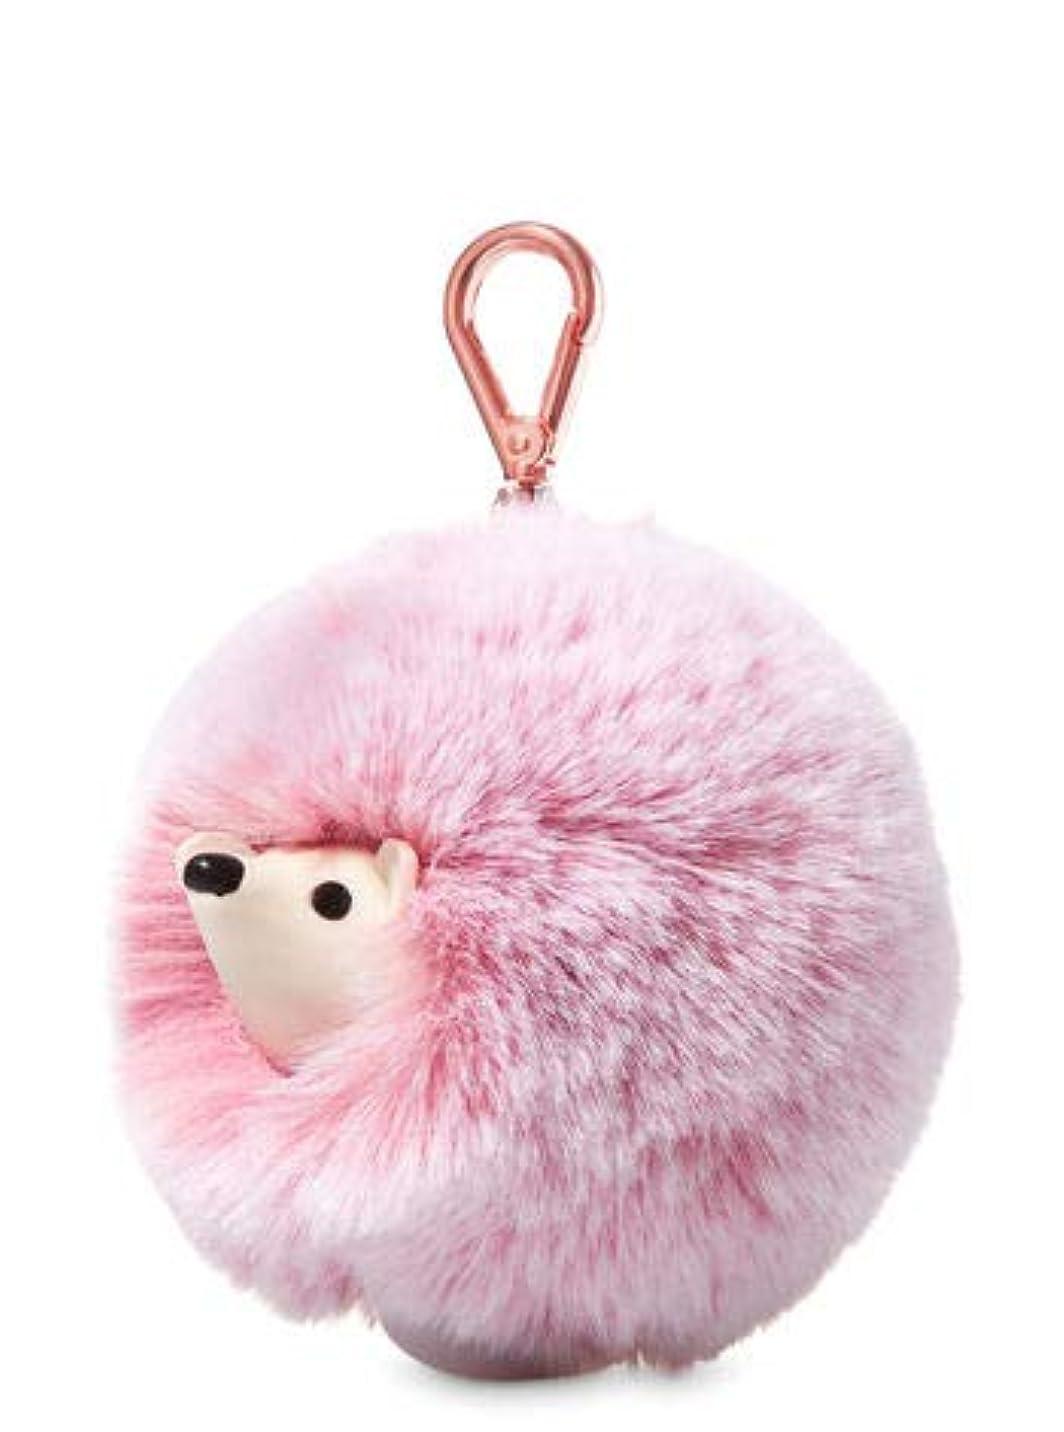 観察あえぎジム【Bath&Body Works/バス&ボディワークス】 抗菌ハンドジェルホルダー ピンクヘッジホッグポンポン Pocketbac Holder Pink Hedgehog Pom-Pom [並行輸入品]